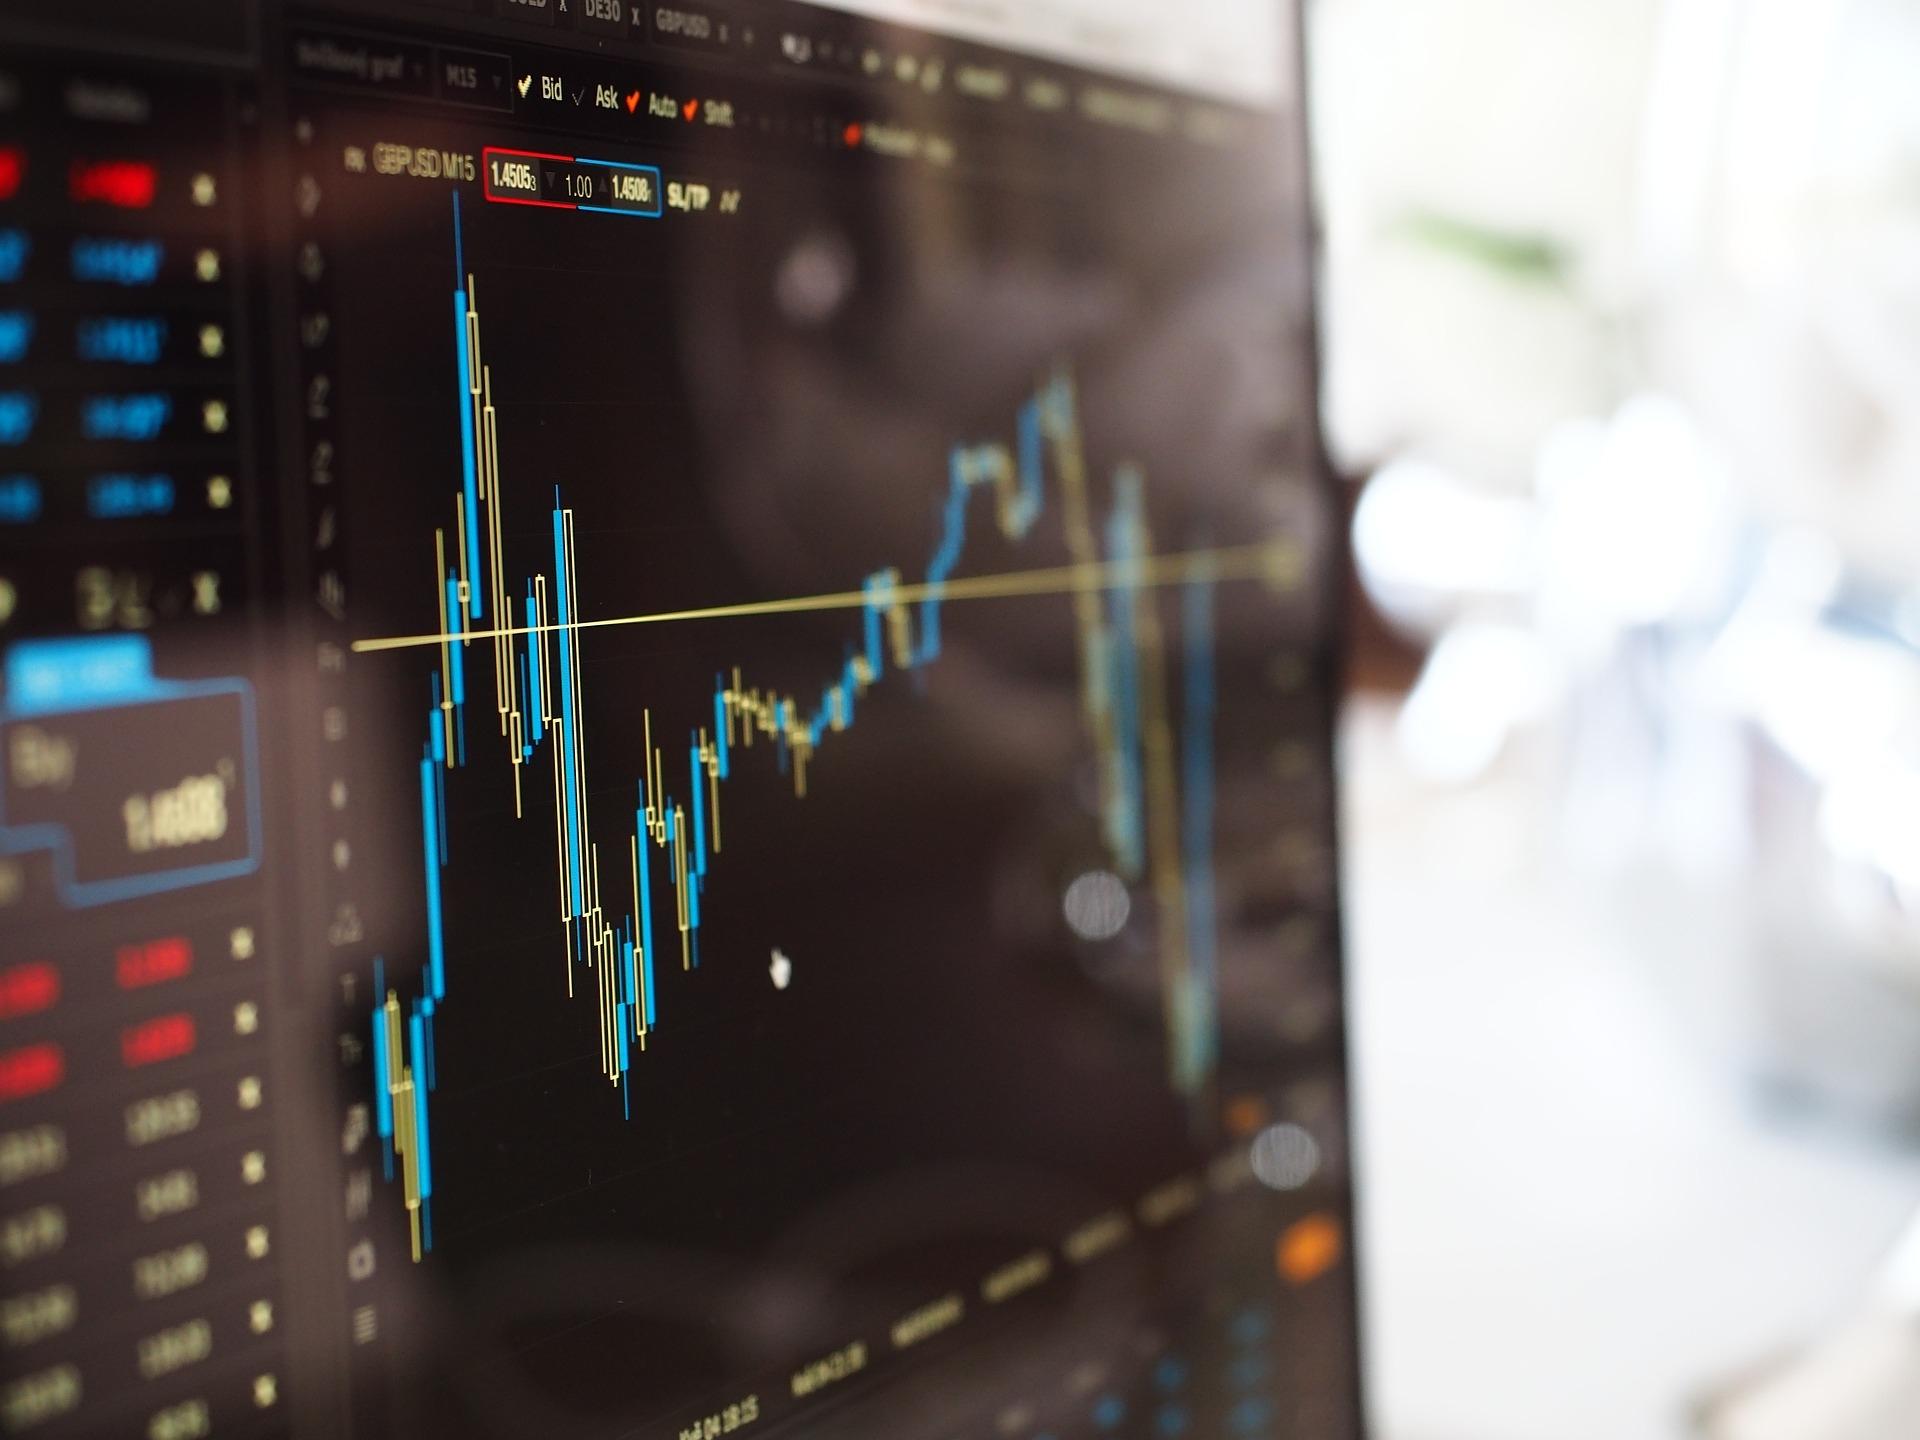 Dopo l'annuncio della salita di Vivendi al 12,3% il titolo Mediaset ha chiuso la seduta di martedì in rialzo del 31,86%